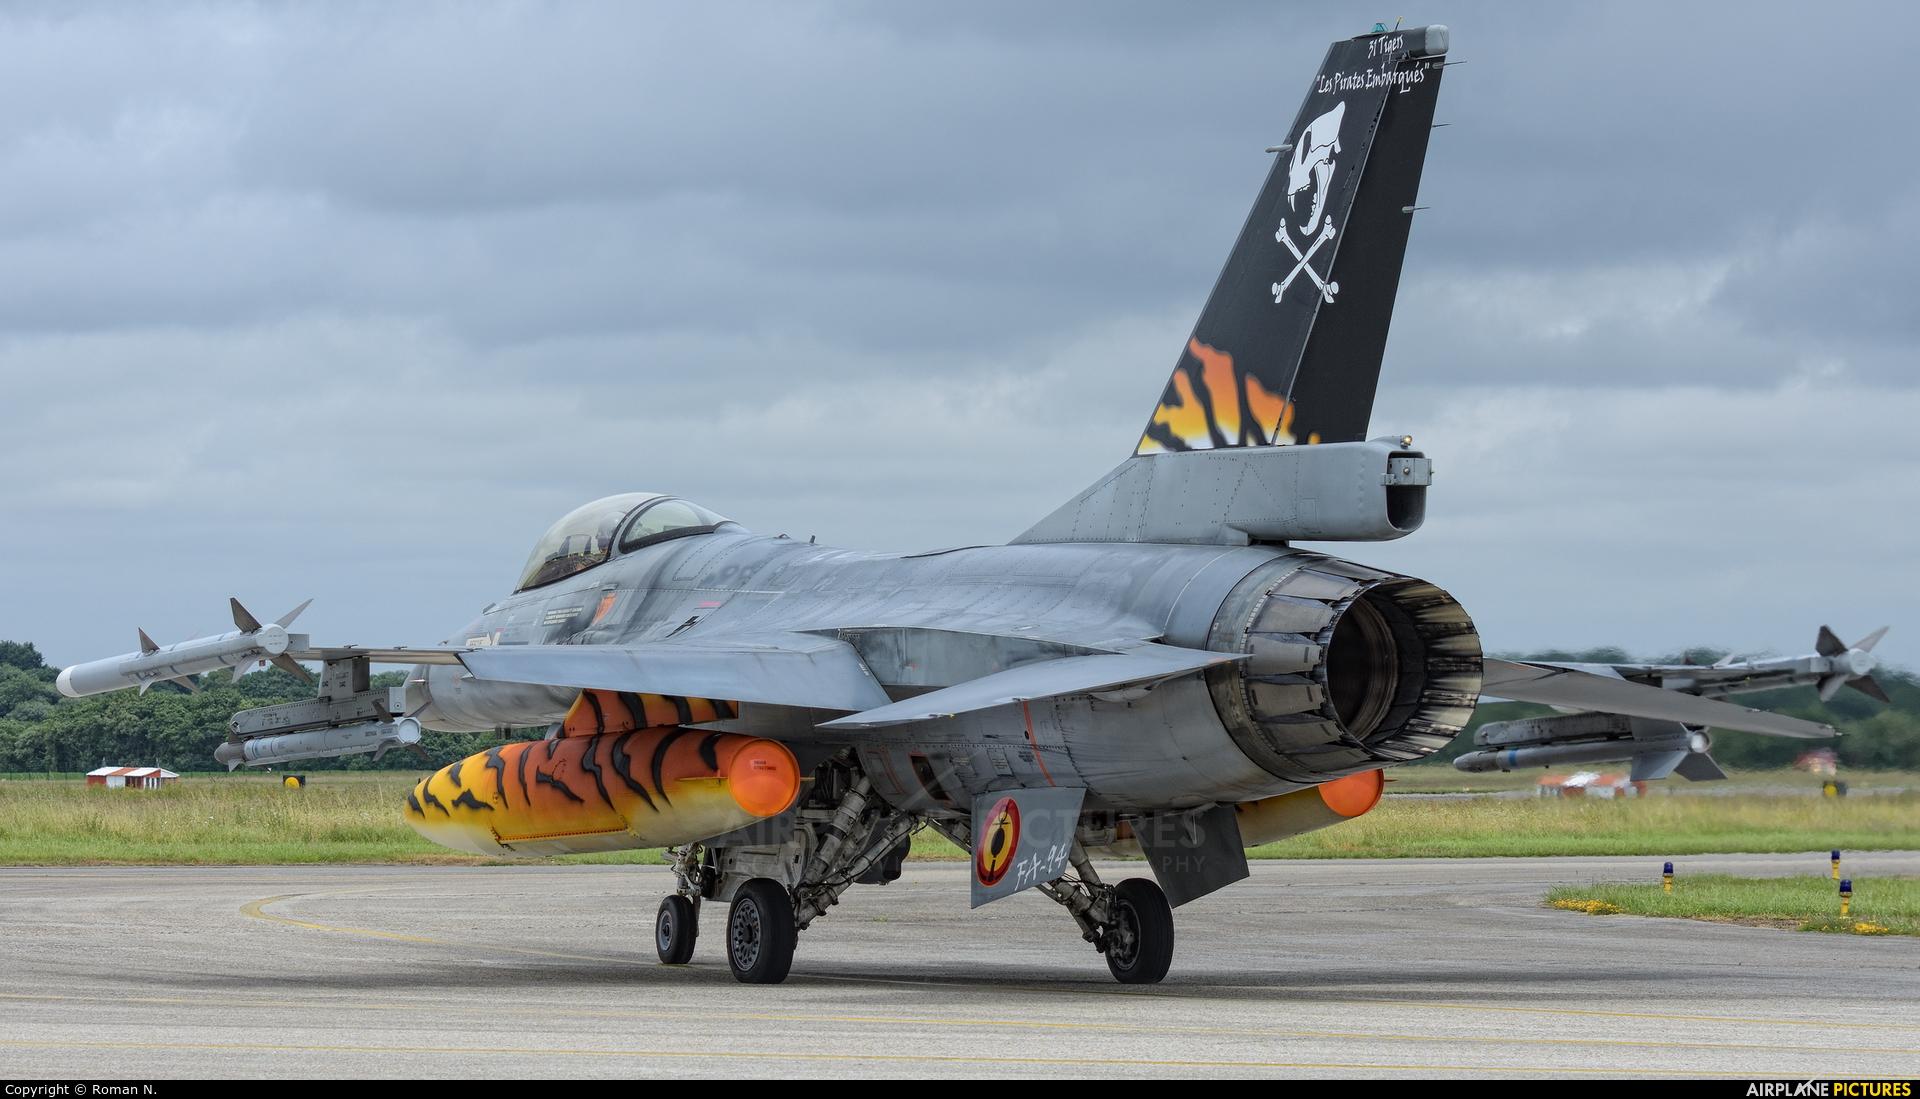 Belgium - Air Force FA-94 aircraft at Landivisiau